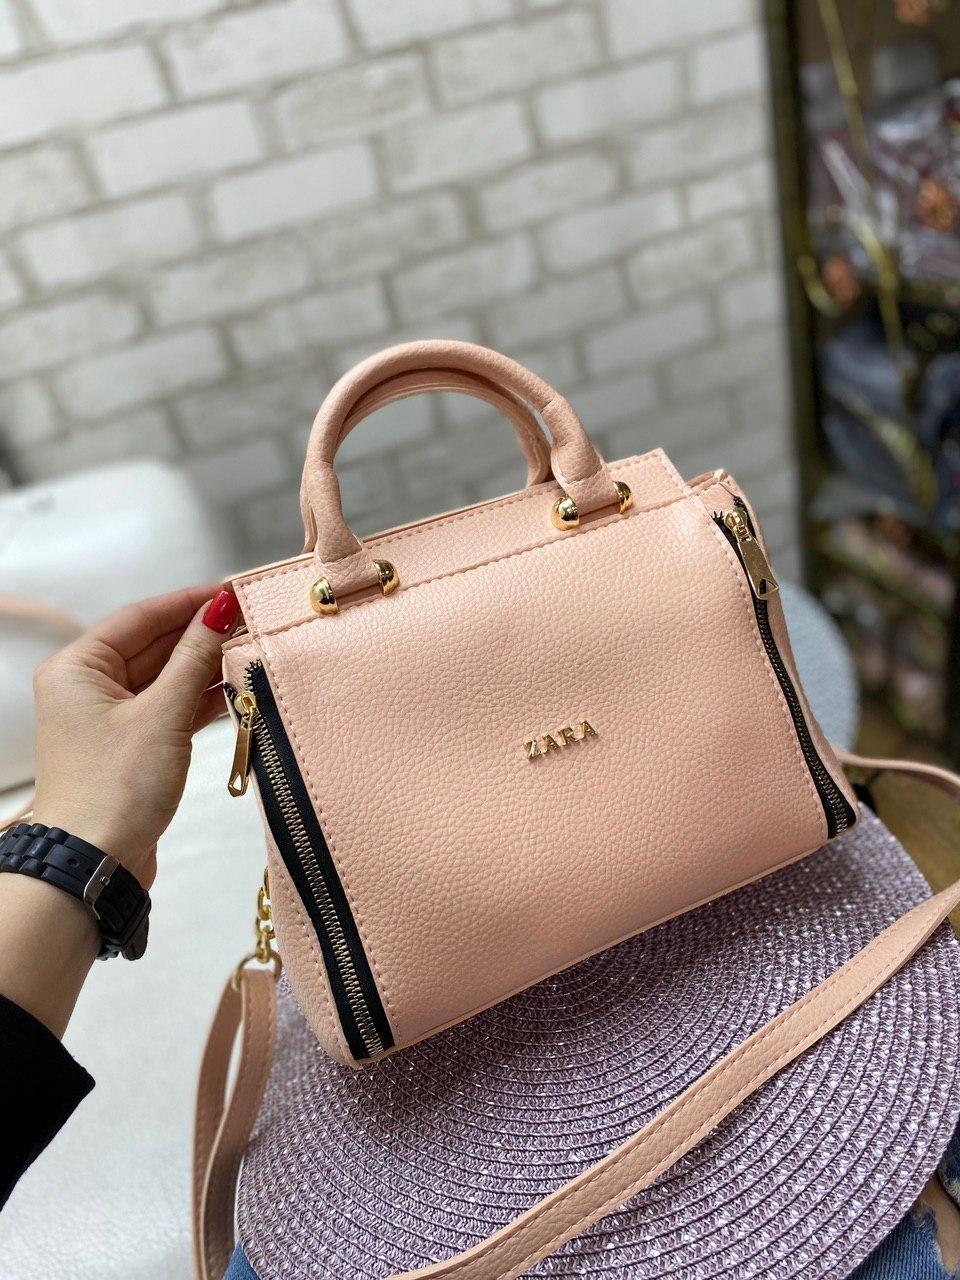 Пудровая женская сумка средняя сумочка классическая деловая небольшая кожзам